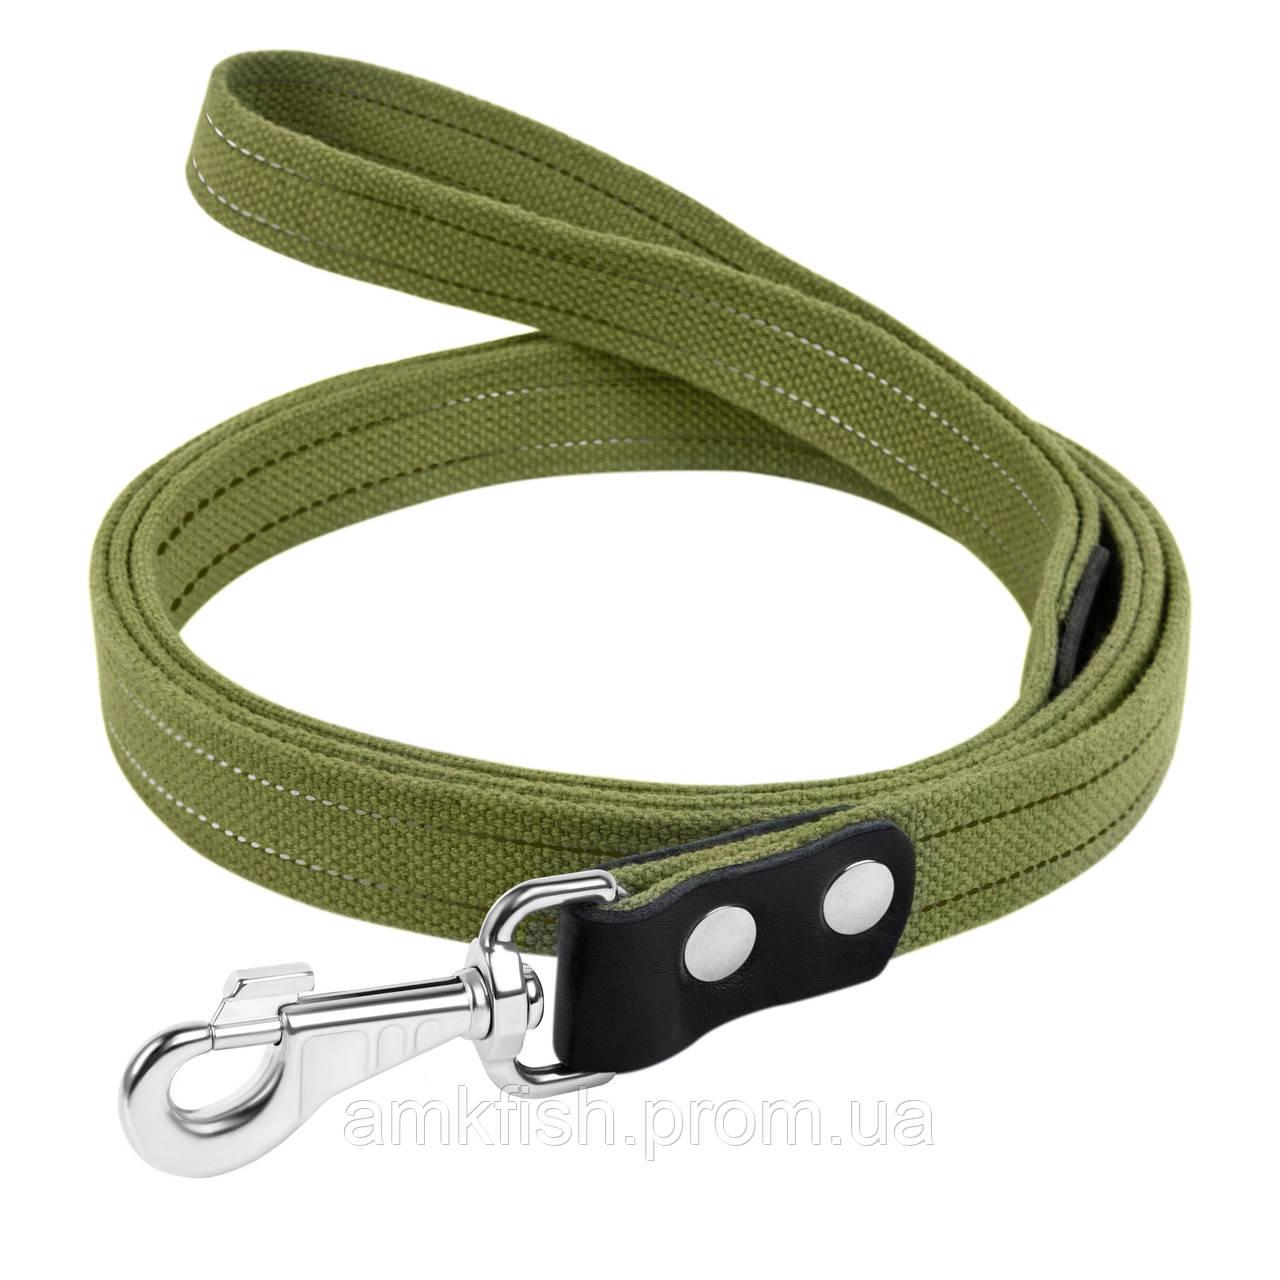 Поводок Collar брезент для собак 1000смх20мм